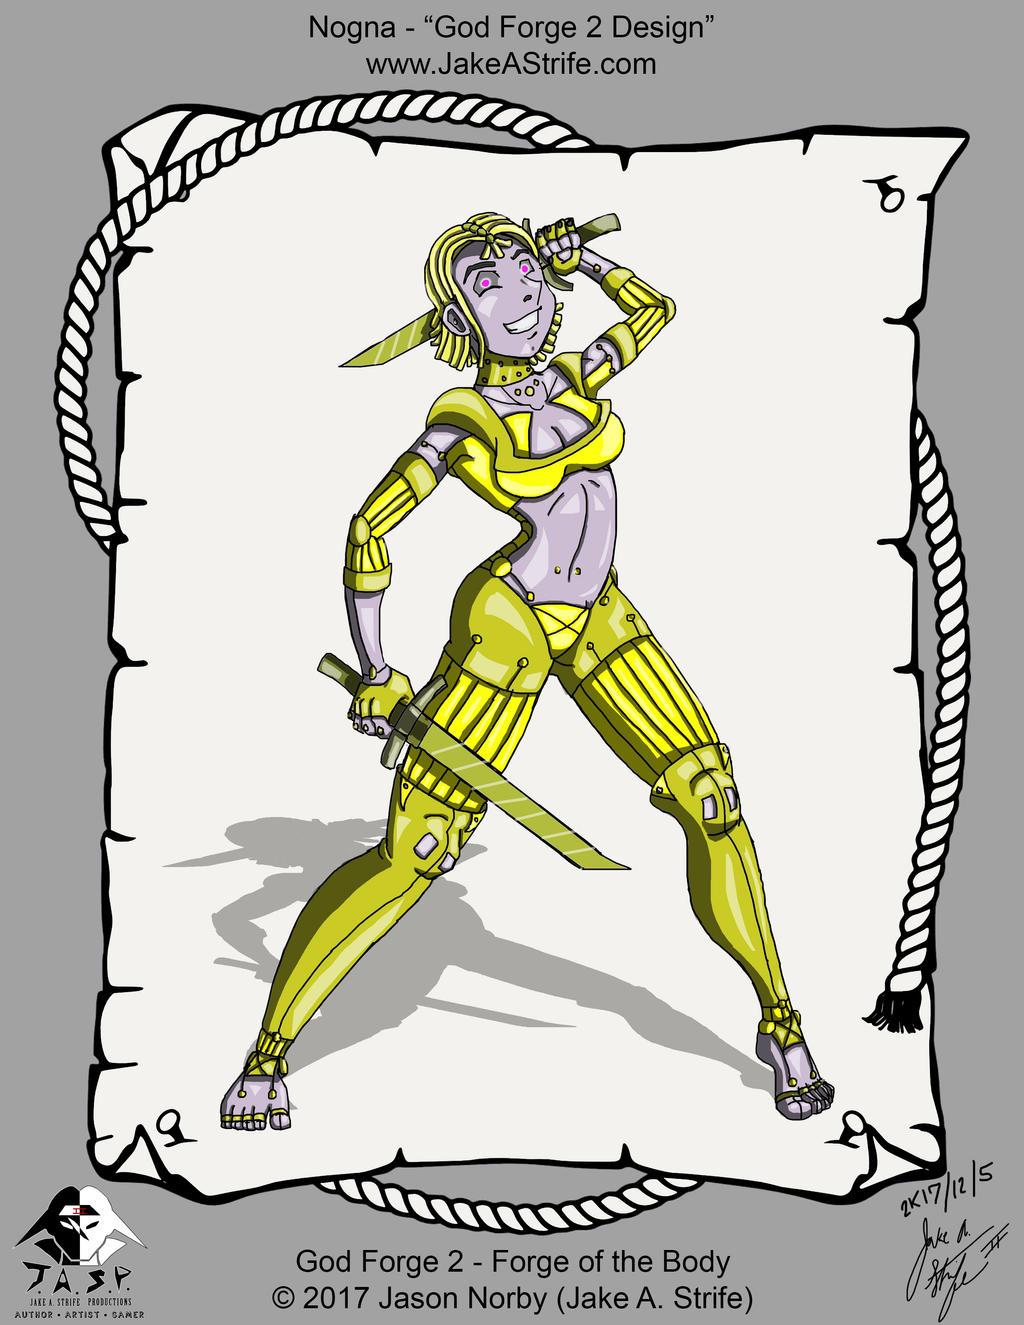 Nogna - 2K17-12-05 - God Forge 2 Design by JakeAStrife